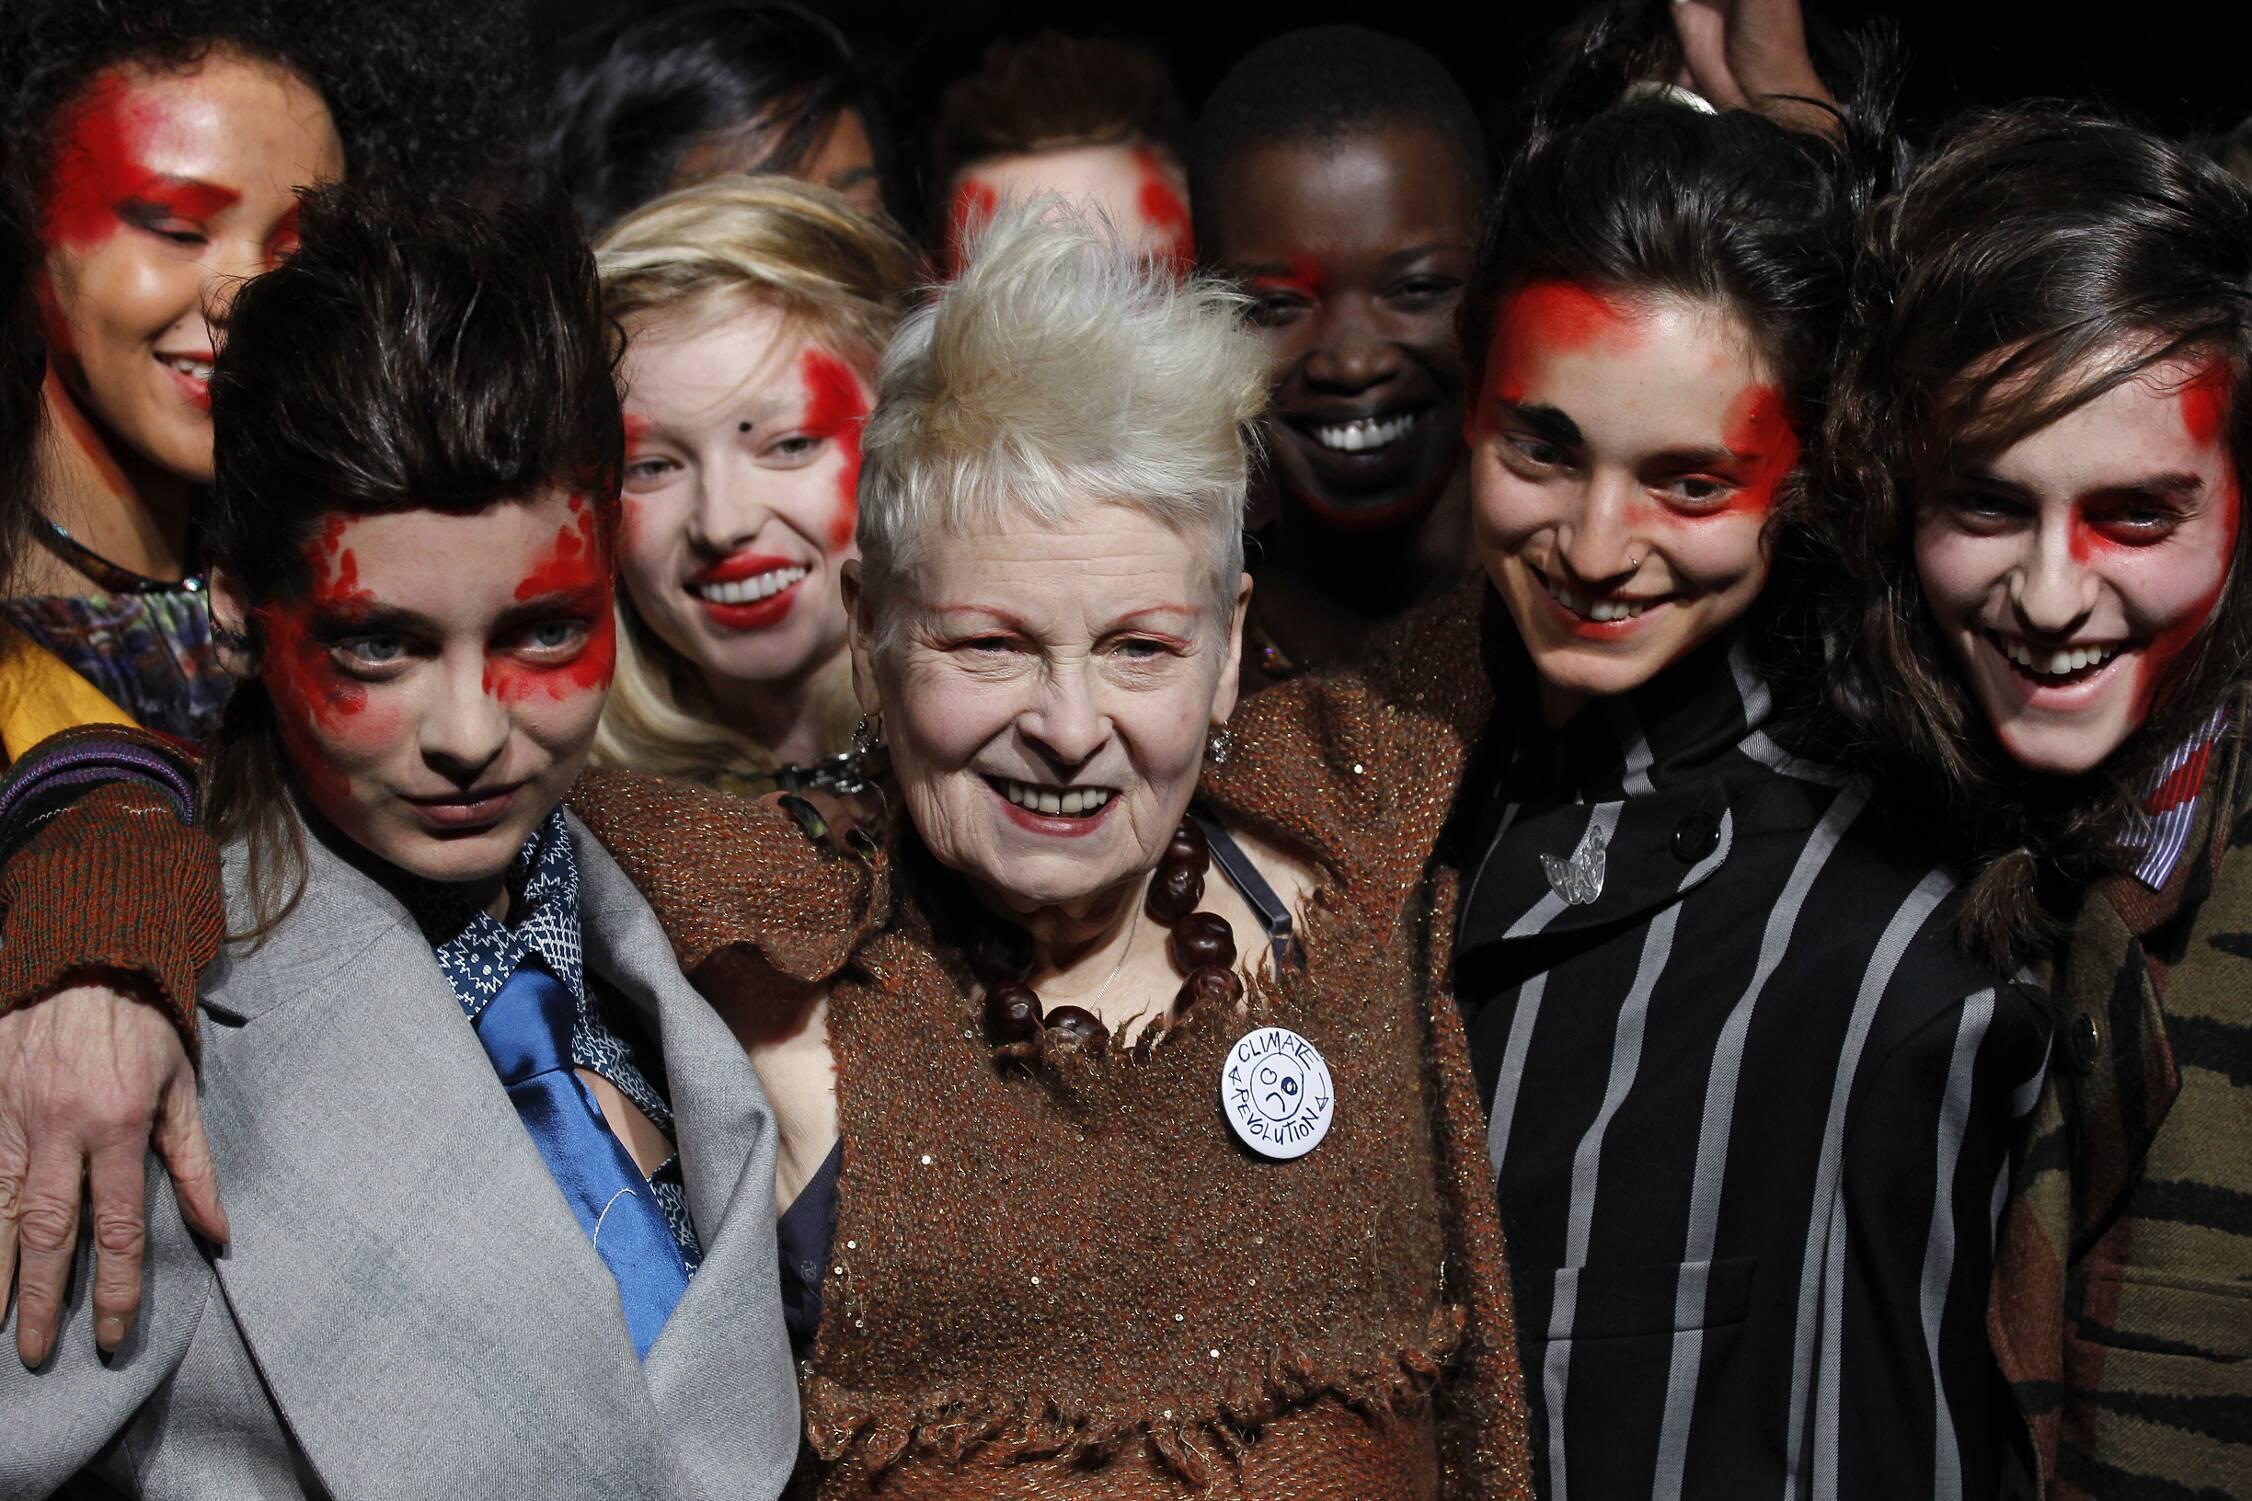 Vivienne Westwood Fashion Show 2015 Finale